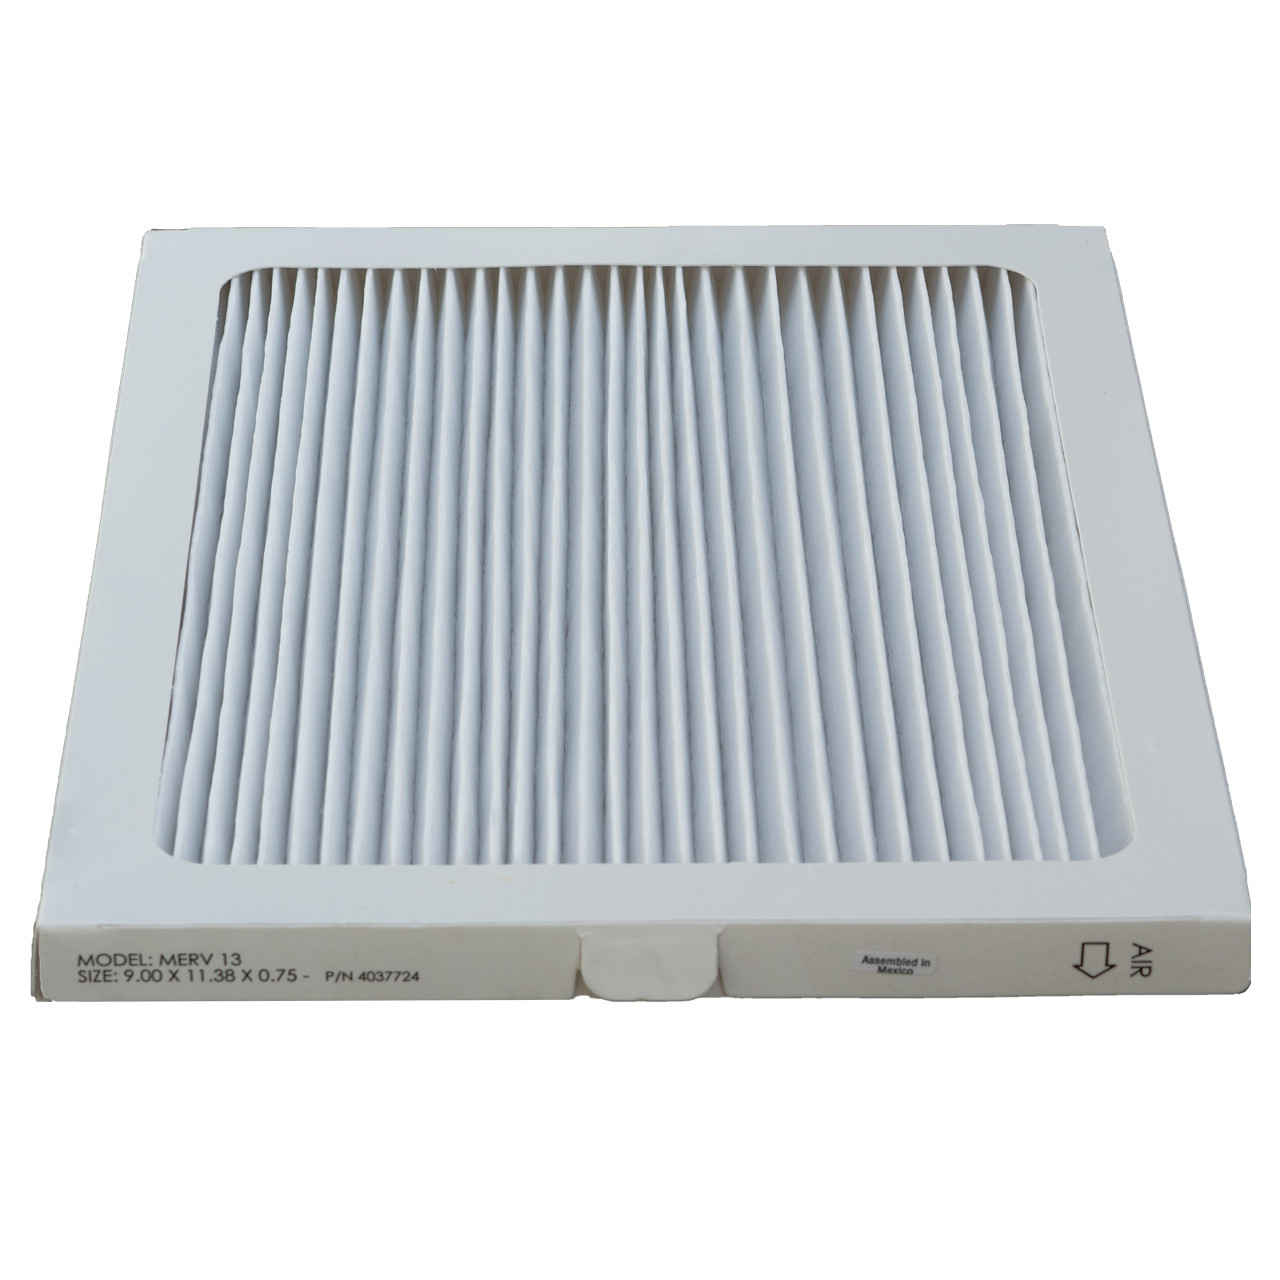 Filter for the Santa Fe Compact Dehumidifier